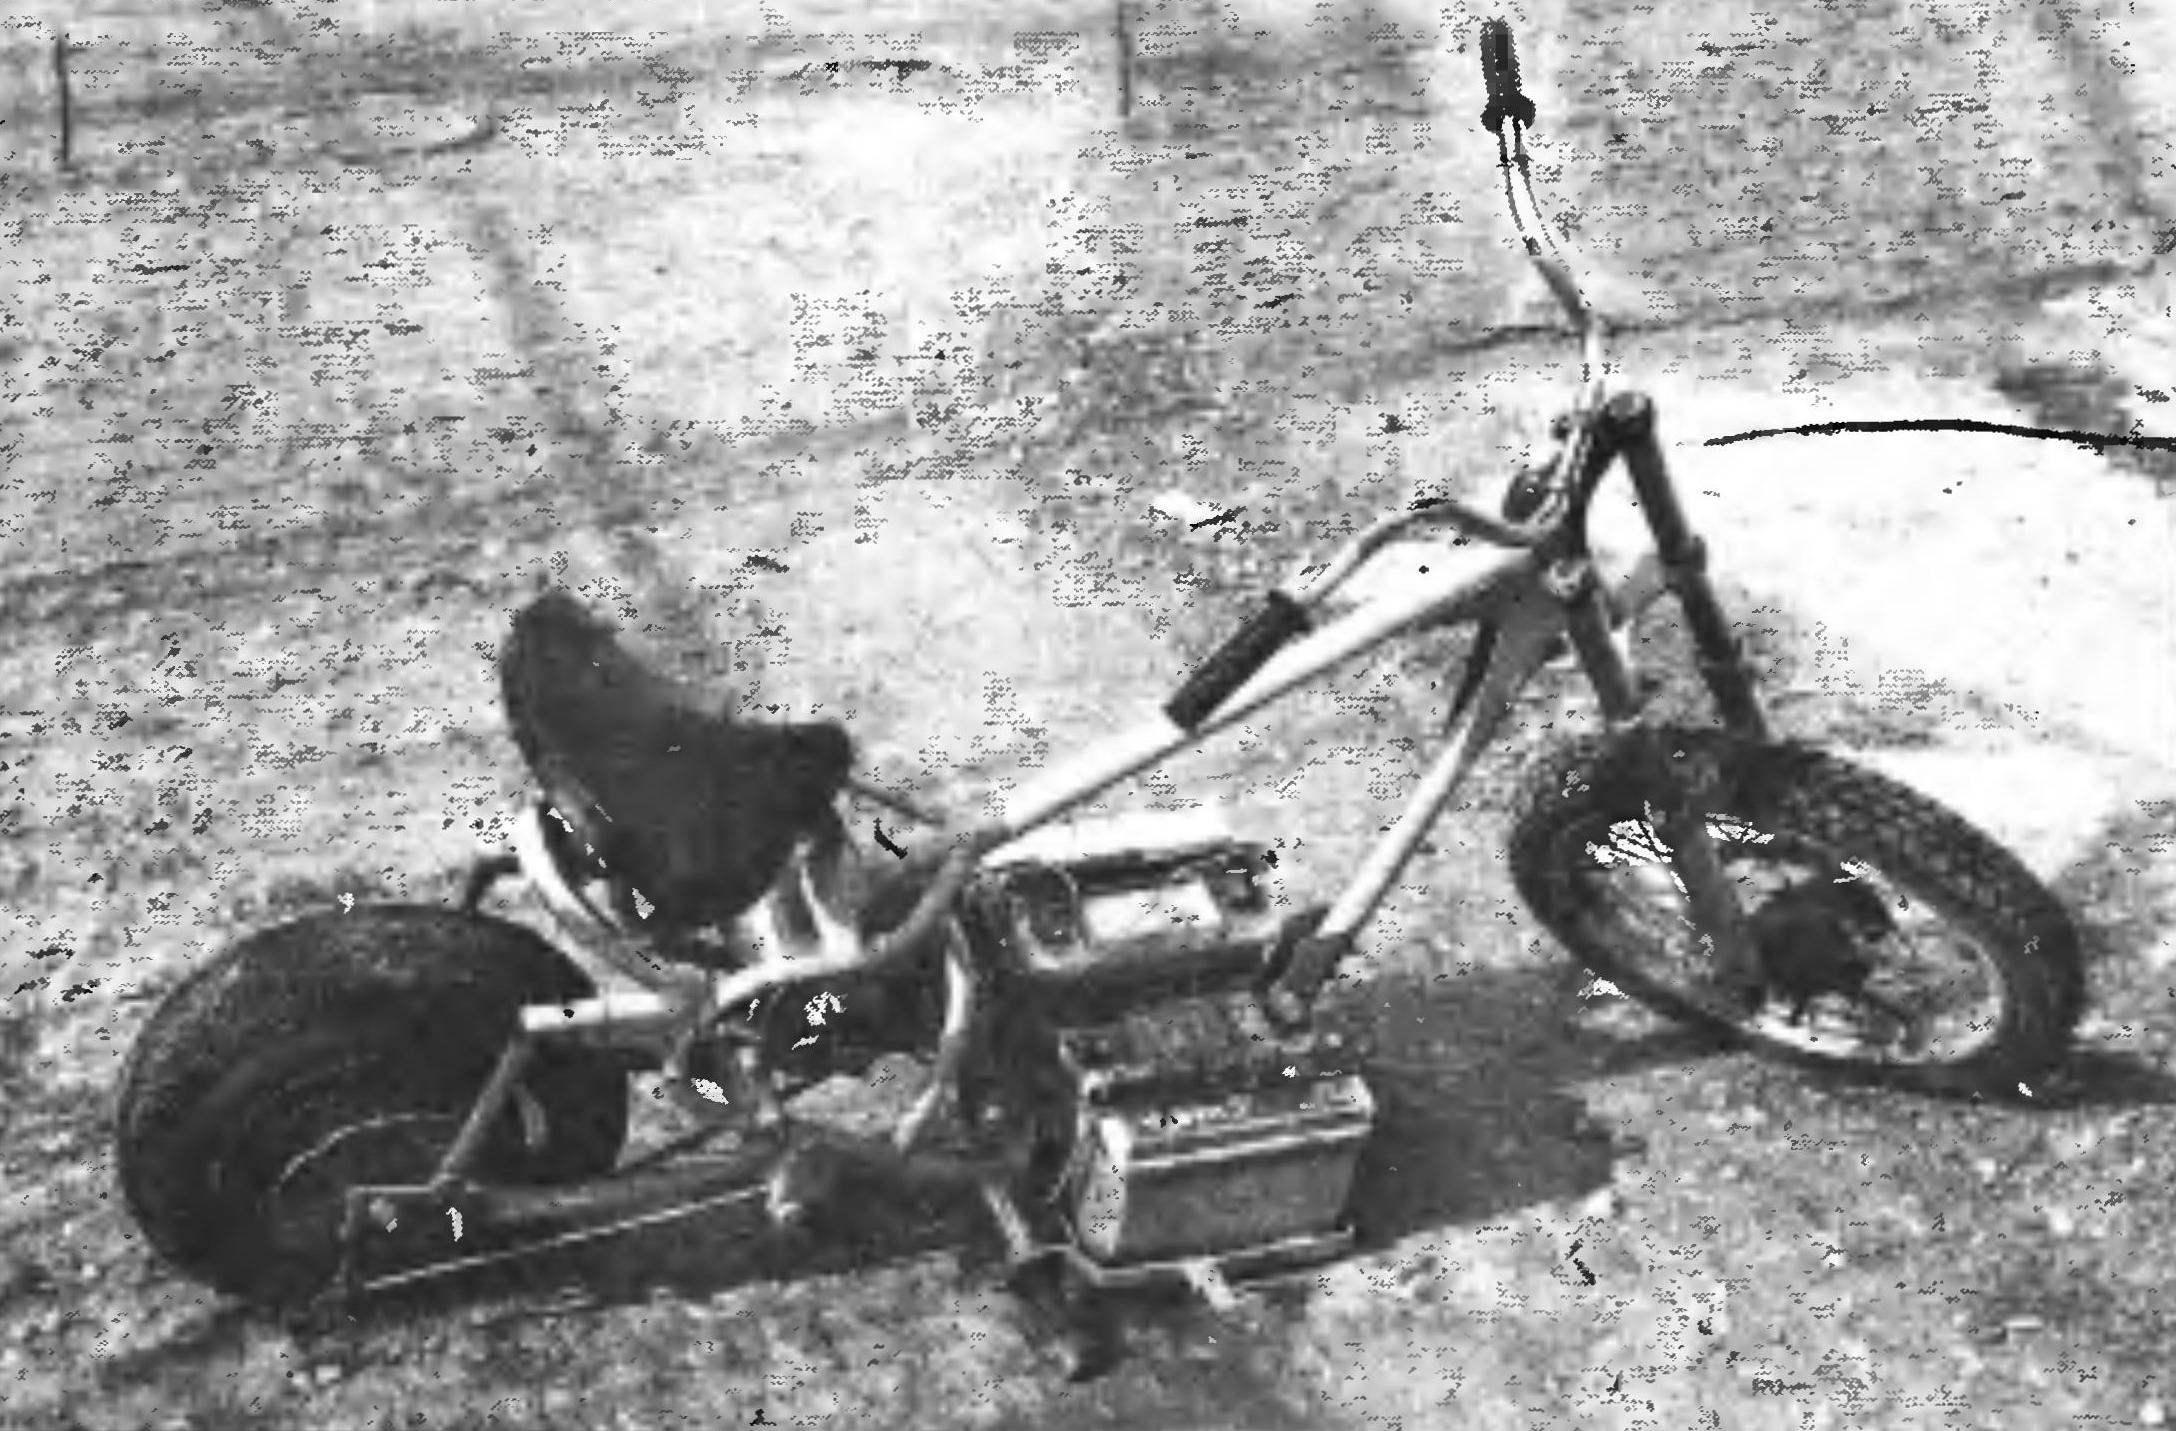 Электроцикл готов к действию